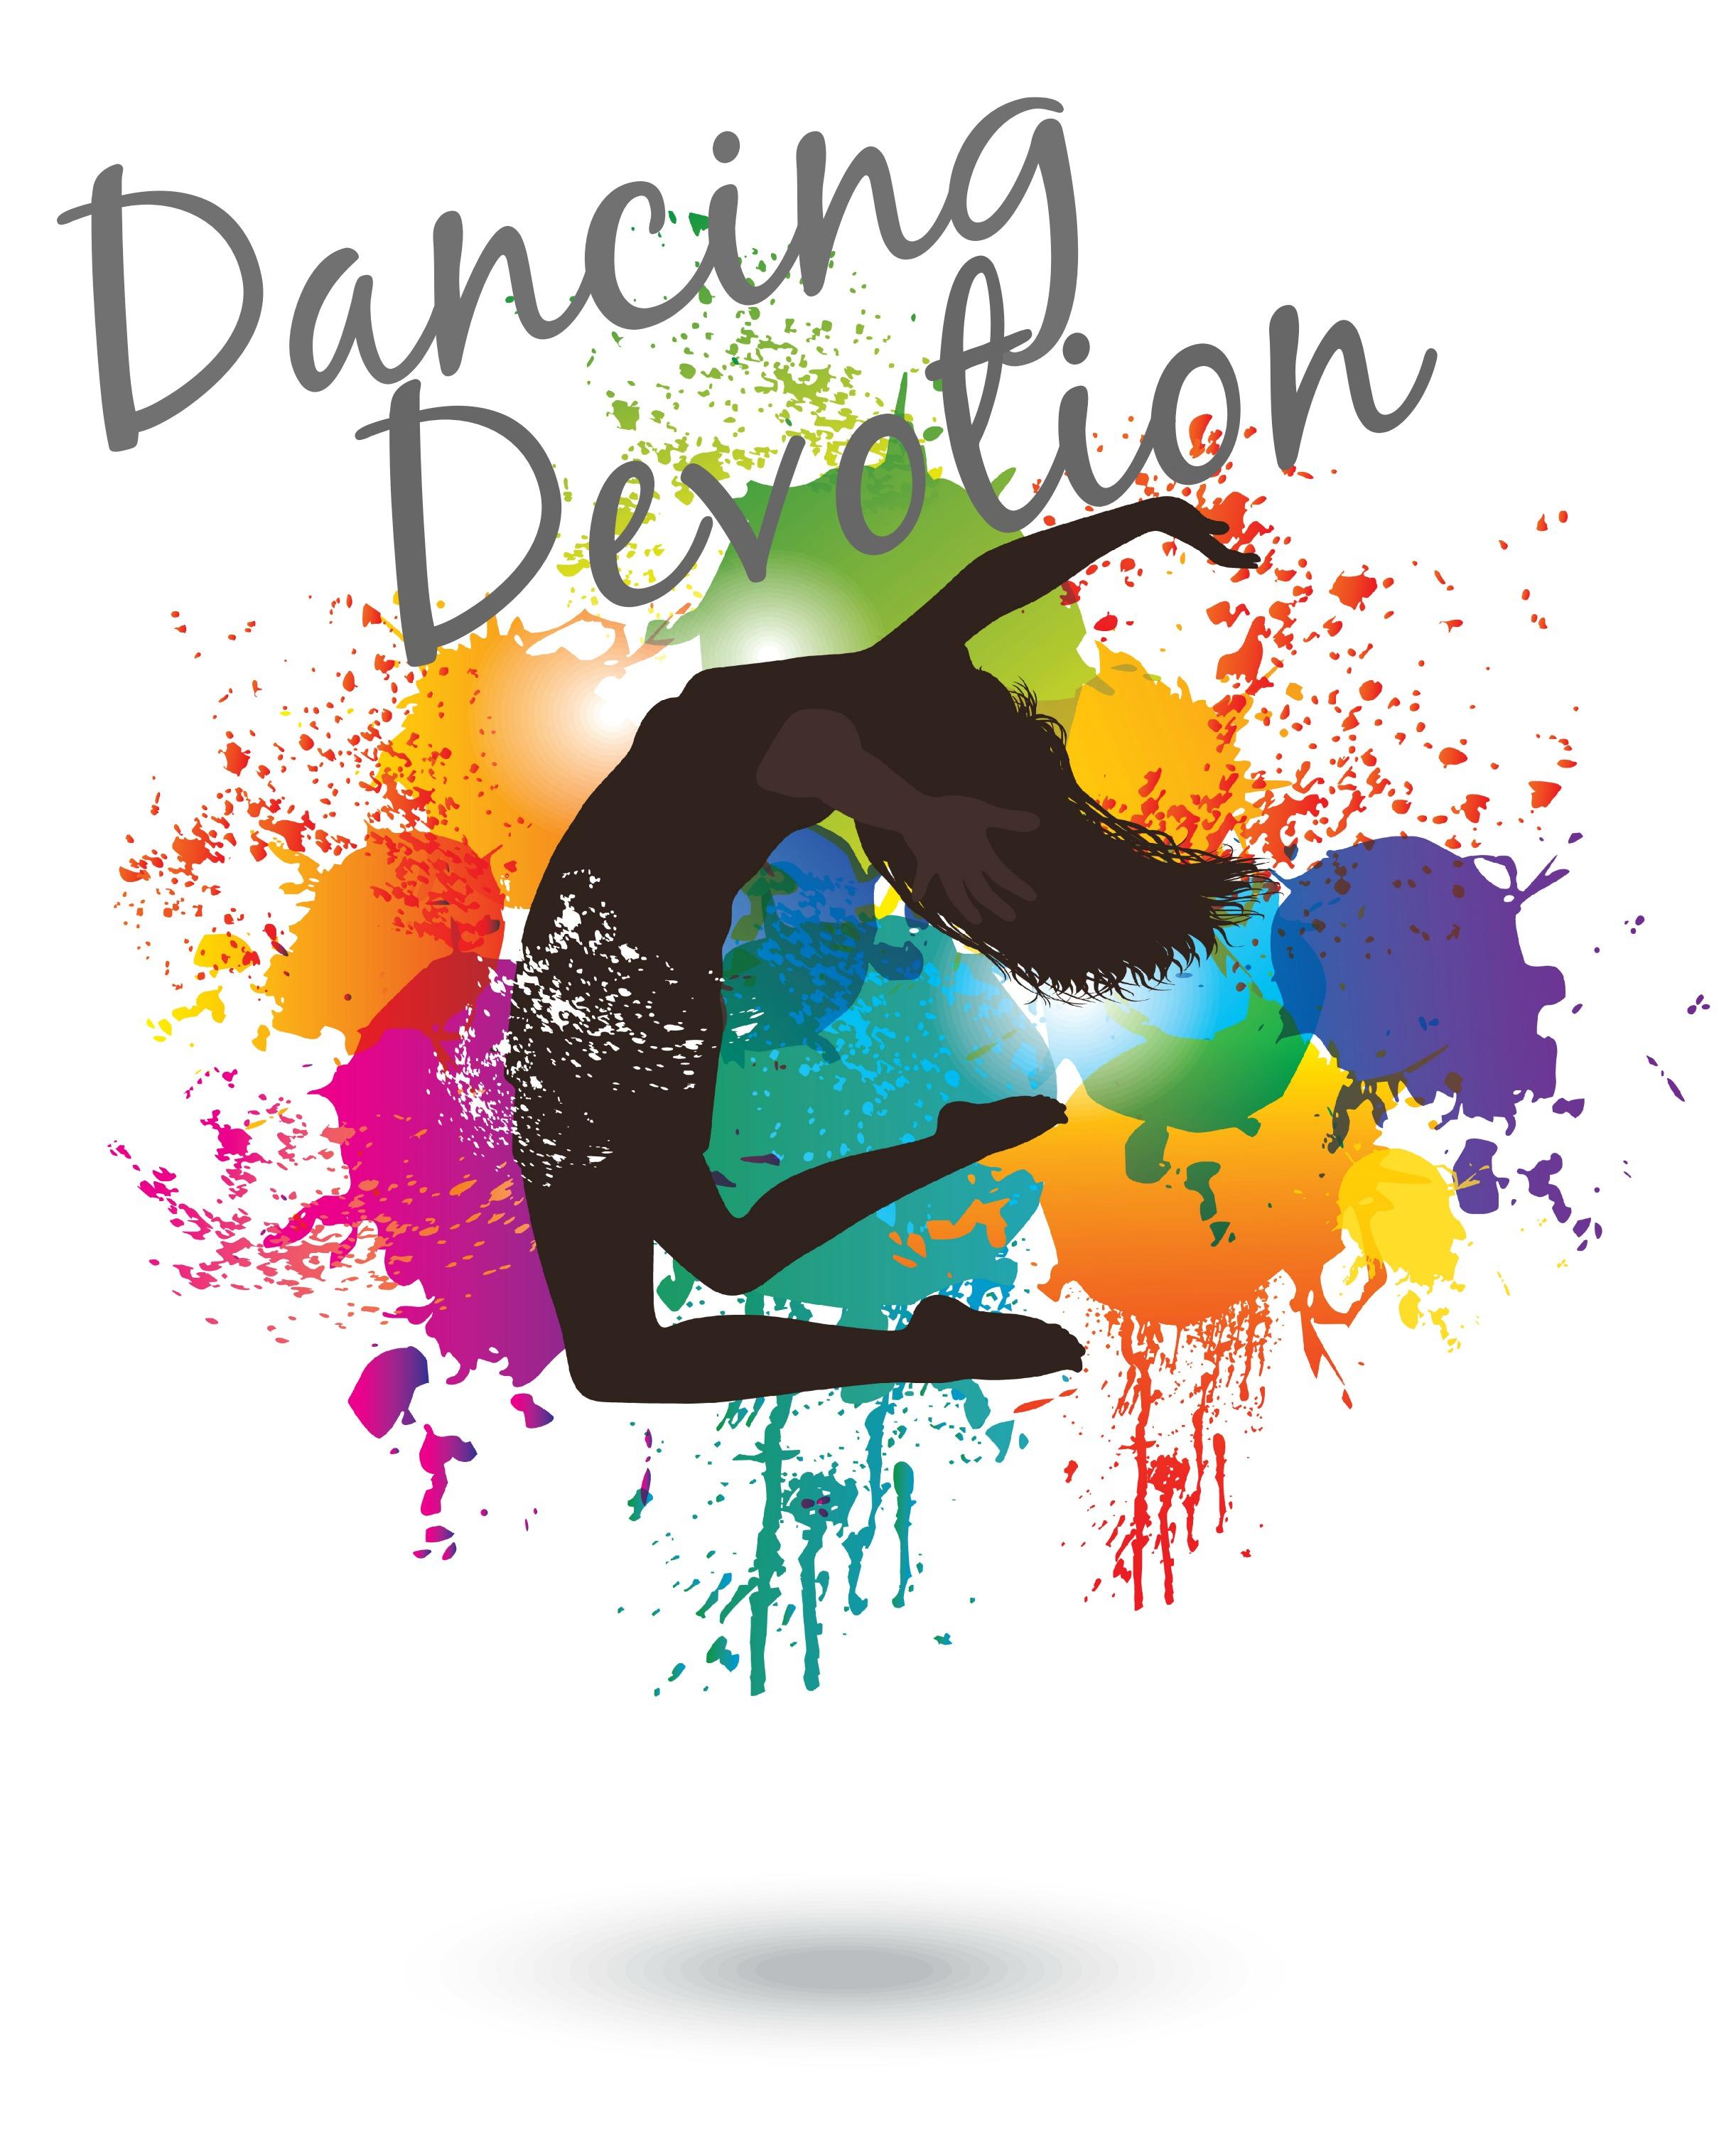 Dancing Devotion